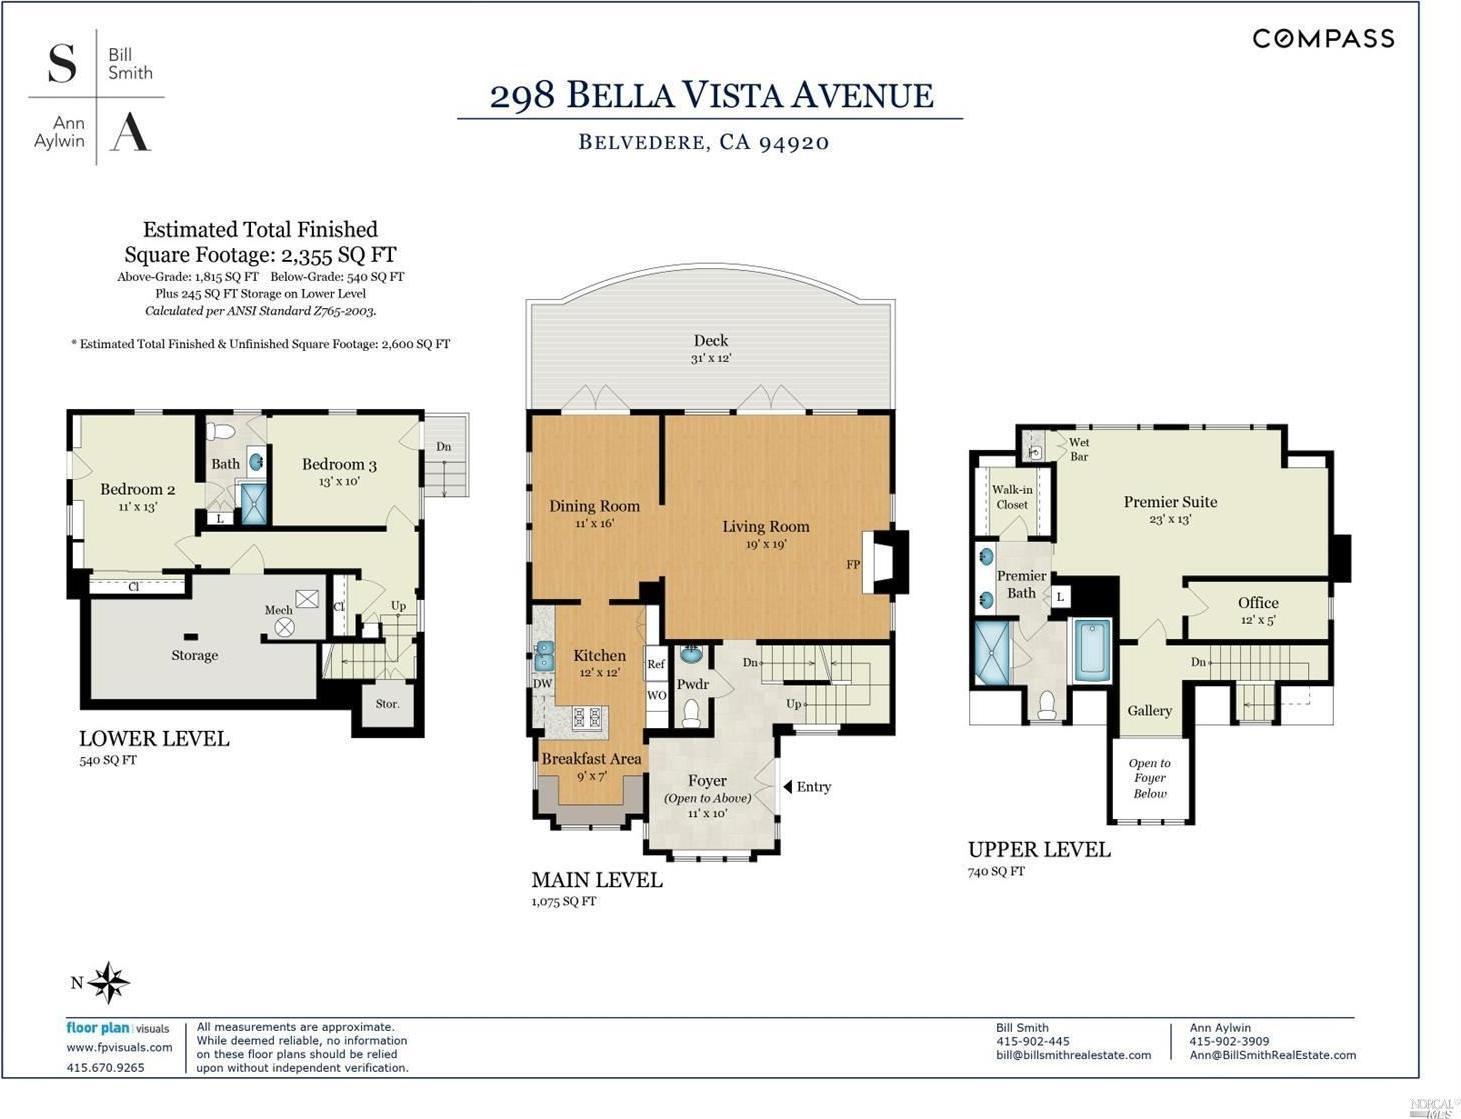 298 Bella Vista Avenue preview